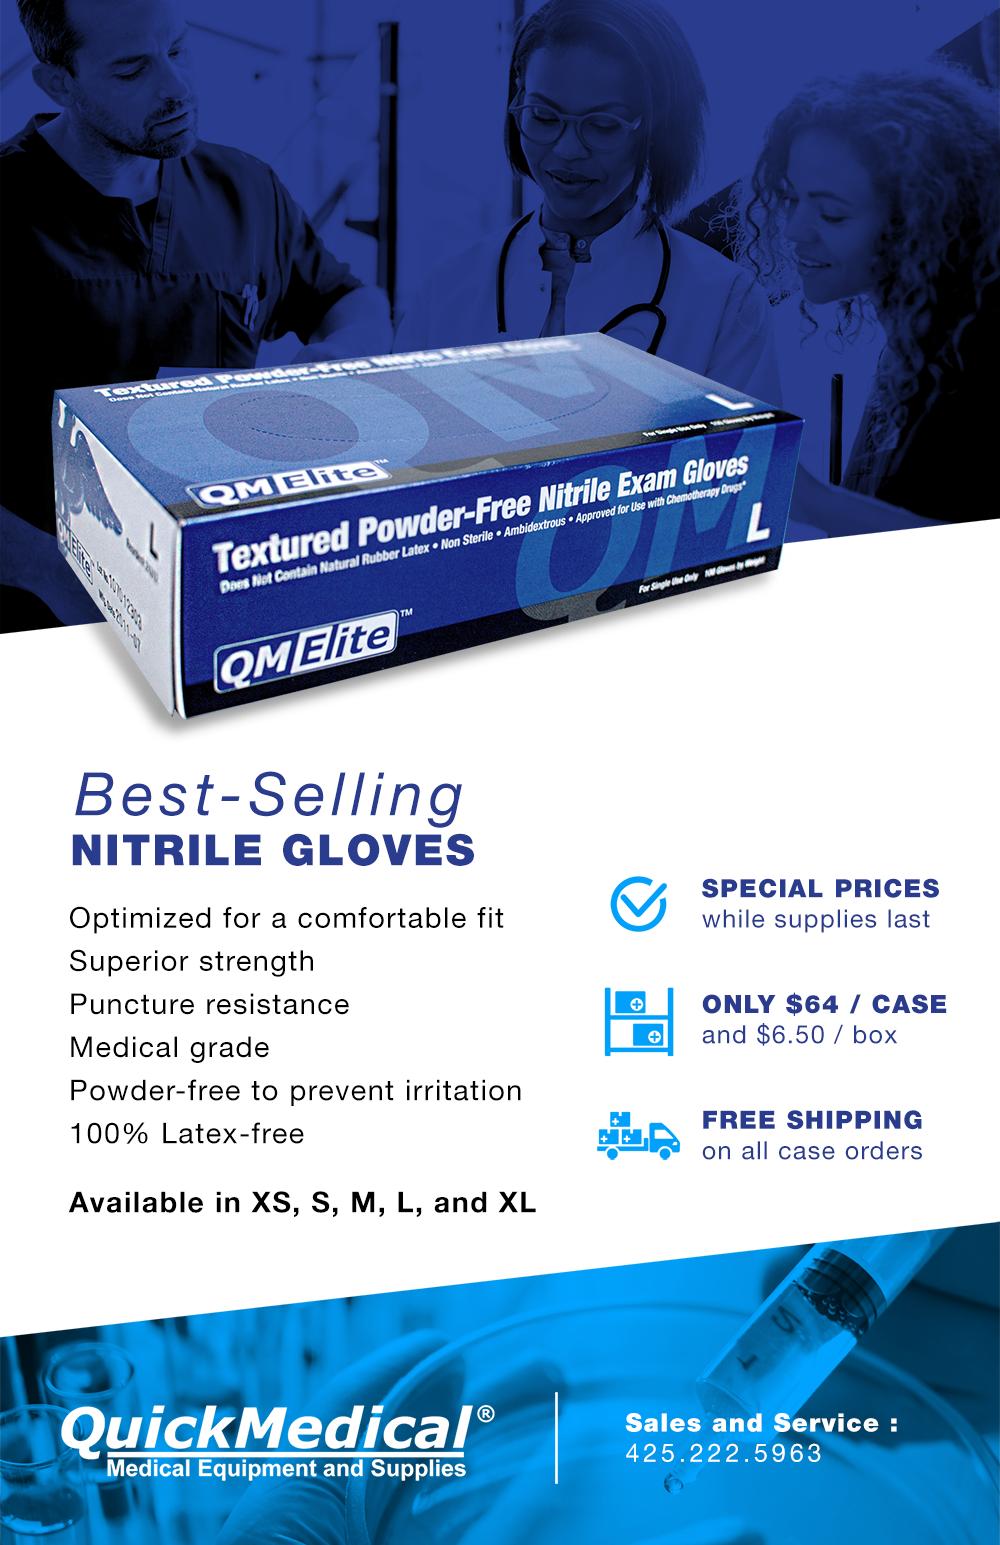 qm elite gloves flyer.png